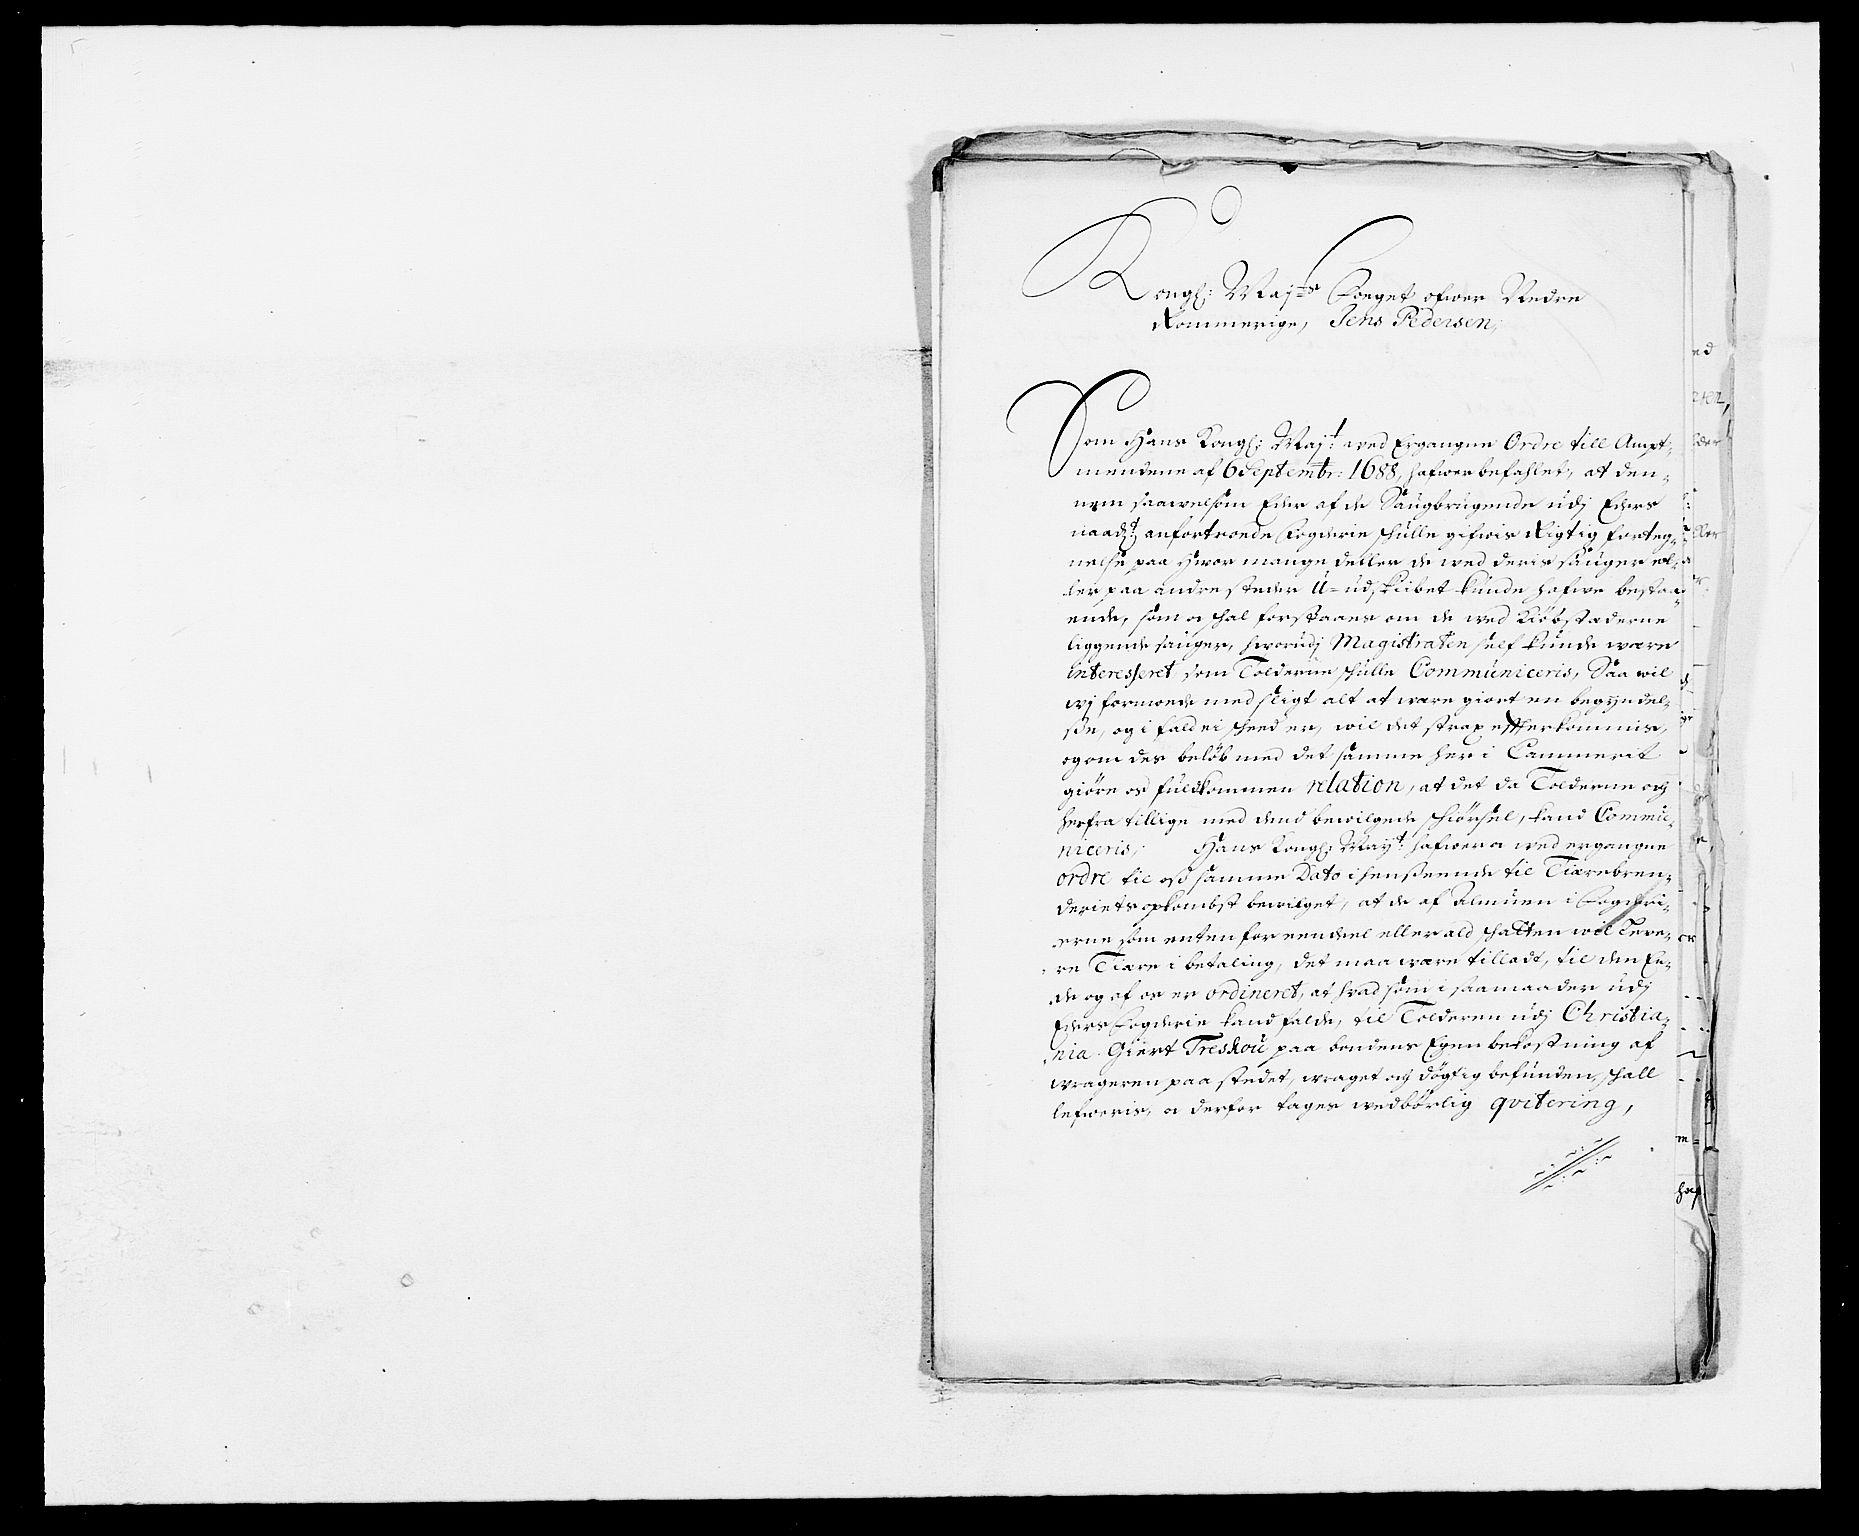 RA, Rentekammeret inntil 1814, Reviderte regnskaper, Fogderegnskap, R11/L0574: Fogderegnskap Nedre Romerike, 1689-1690, s. 229